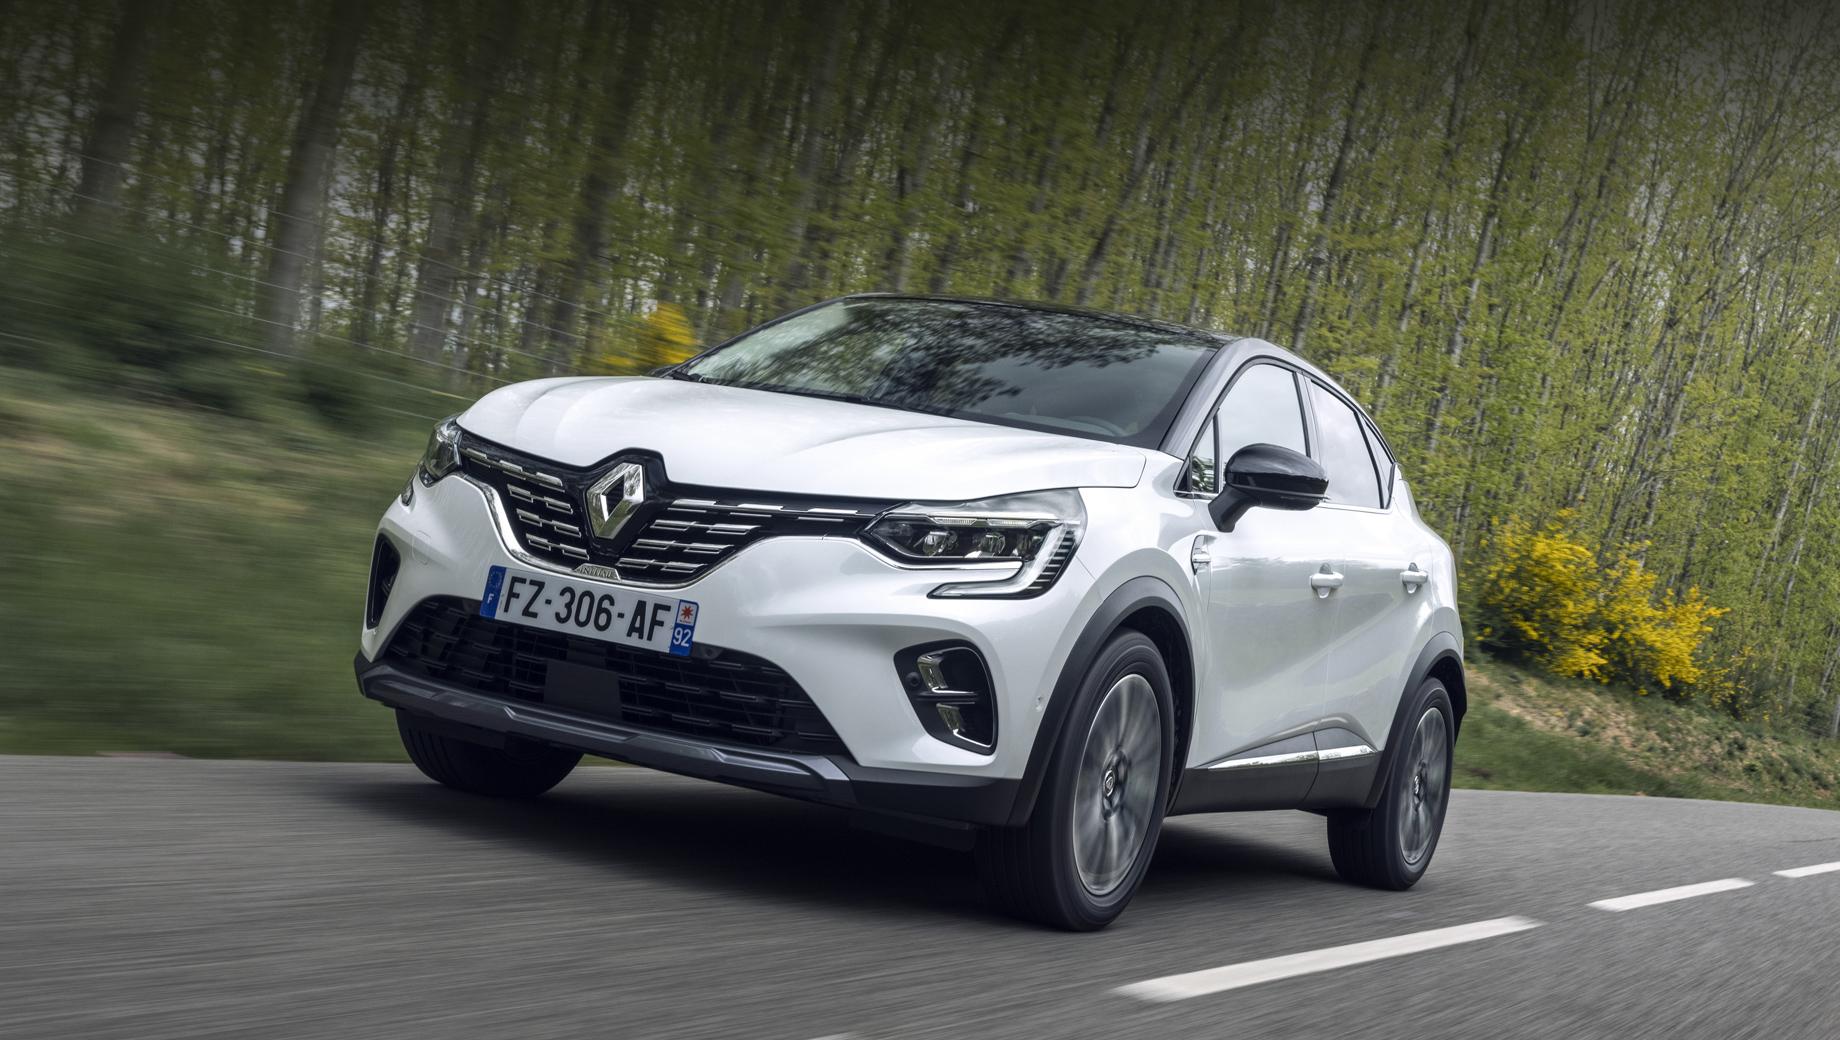 Renault captur,Renault arkana,Renault megane. Новый гибридный Captur может быть выполнен в нескольких вариациях, тут показана «роскошная» Initiale Paris.